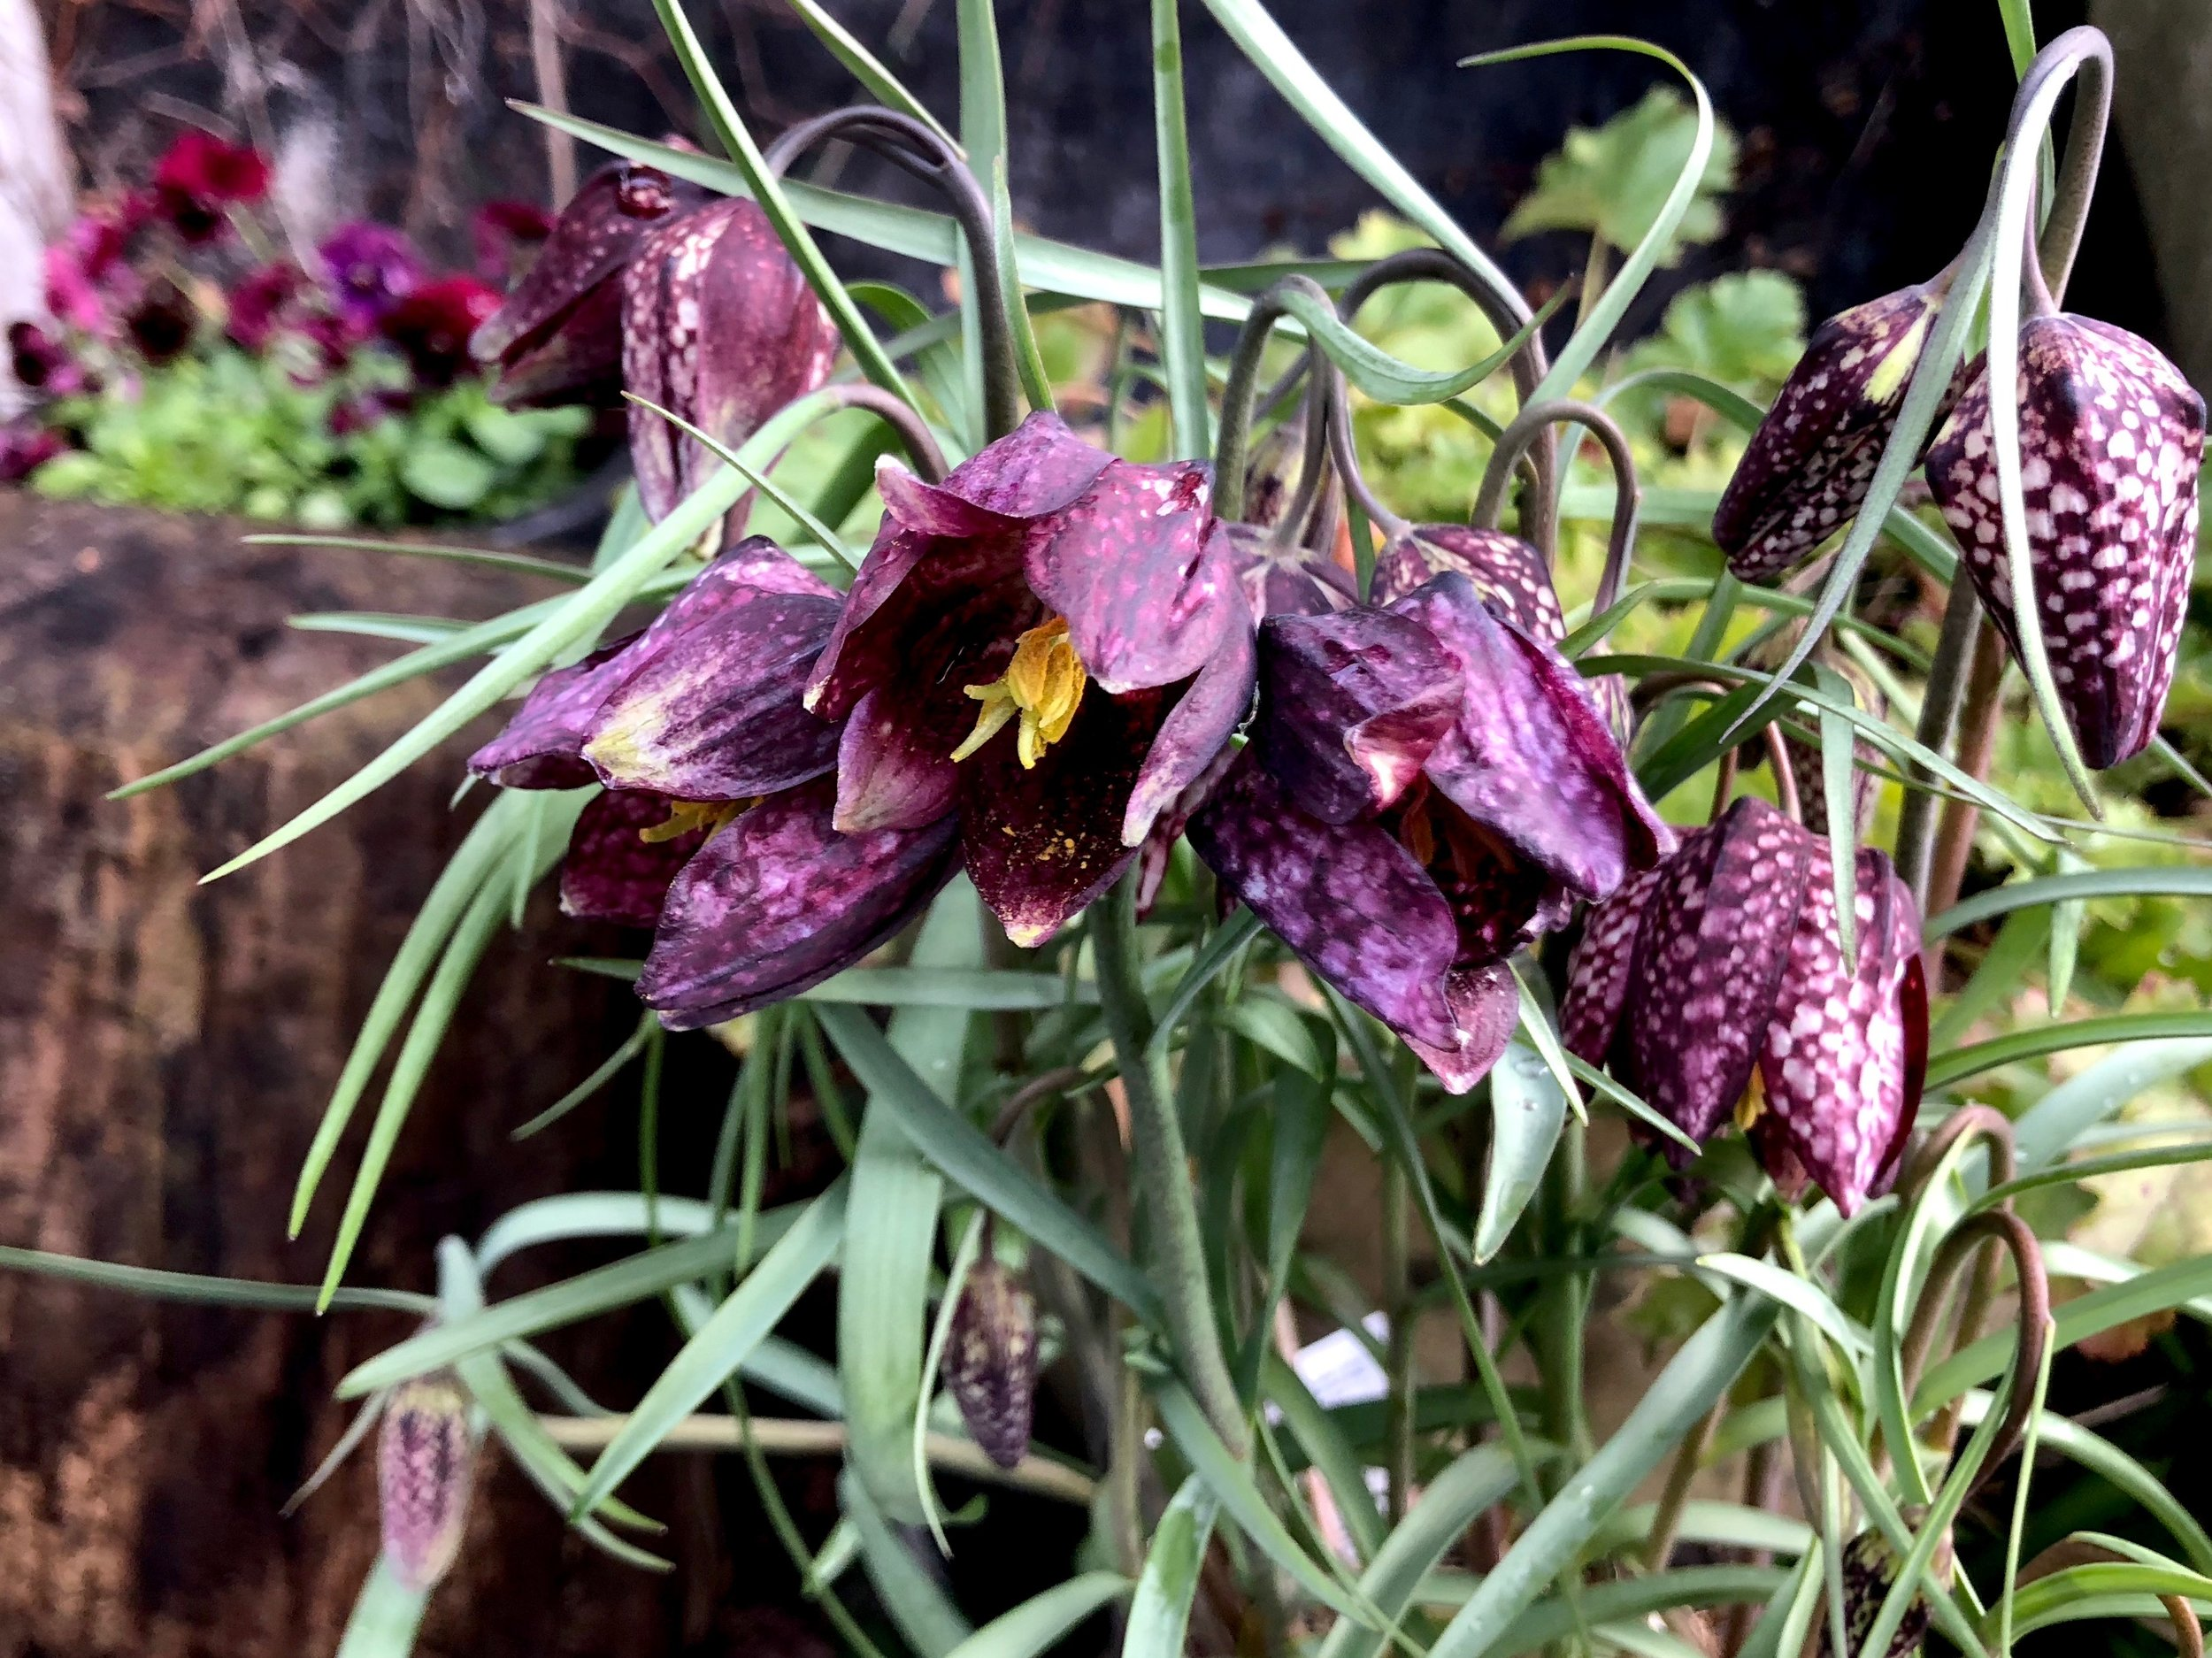 Vi slutter lige med et billede af de fine, ternede vibeæg. De små løg kan plantes ud i haven, når de er afblomstret. De kan både lægges i bede, men faktisk også i græsplænen, hvis du ellers er med på at lade den blive langhåret om foråret.